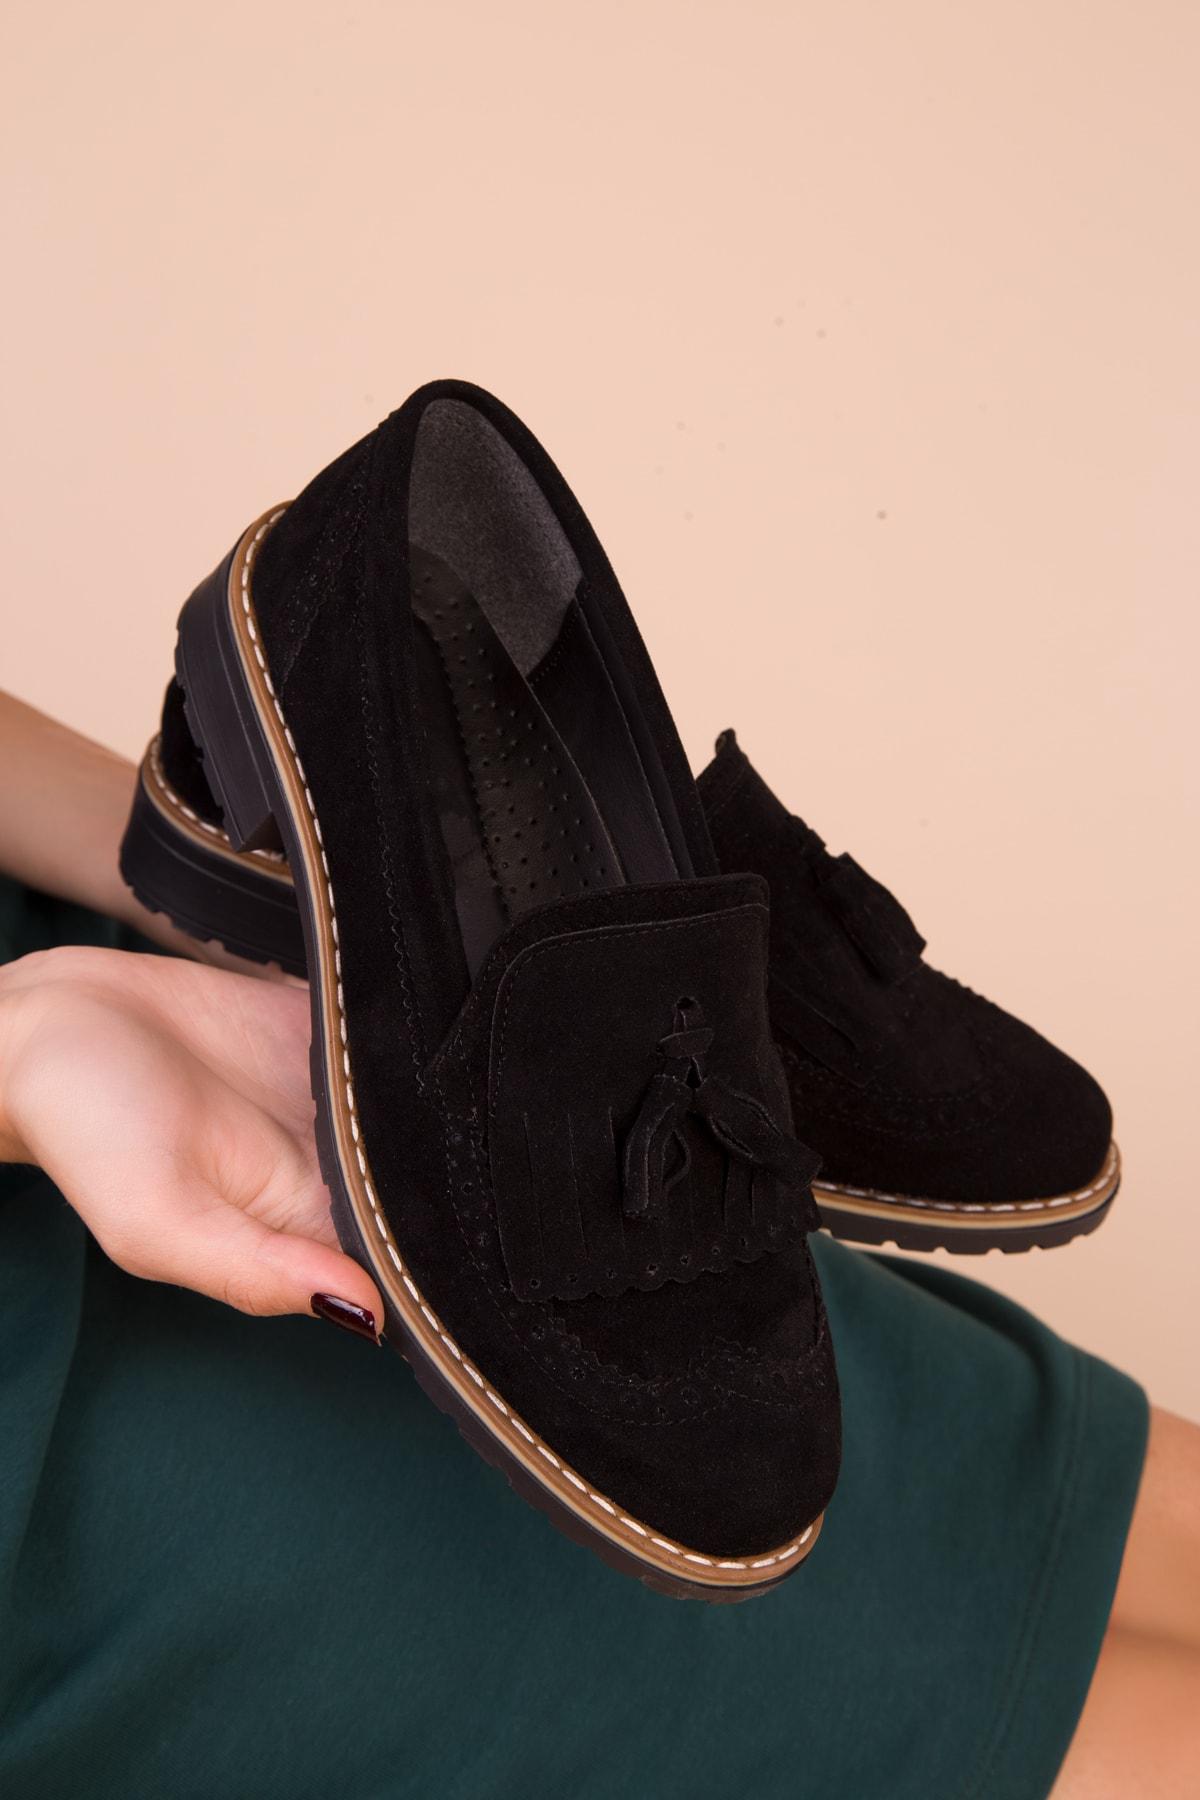 SOHO Siyah Süet Kadın Casual Ayakkabı 15473 1